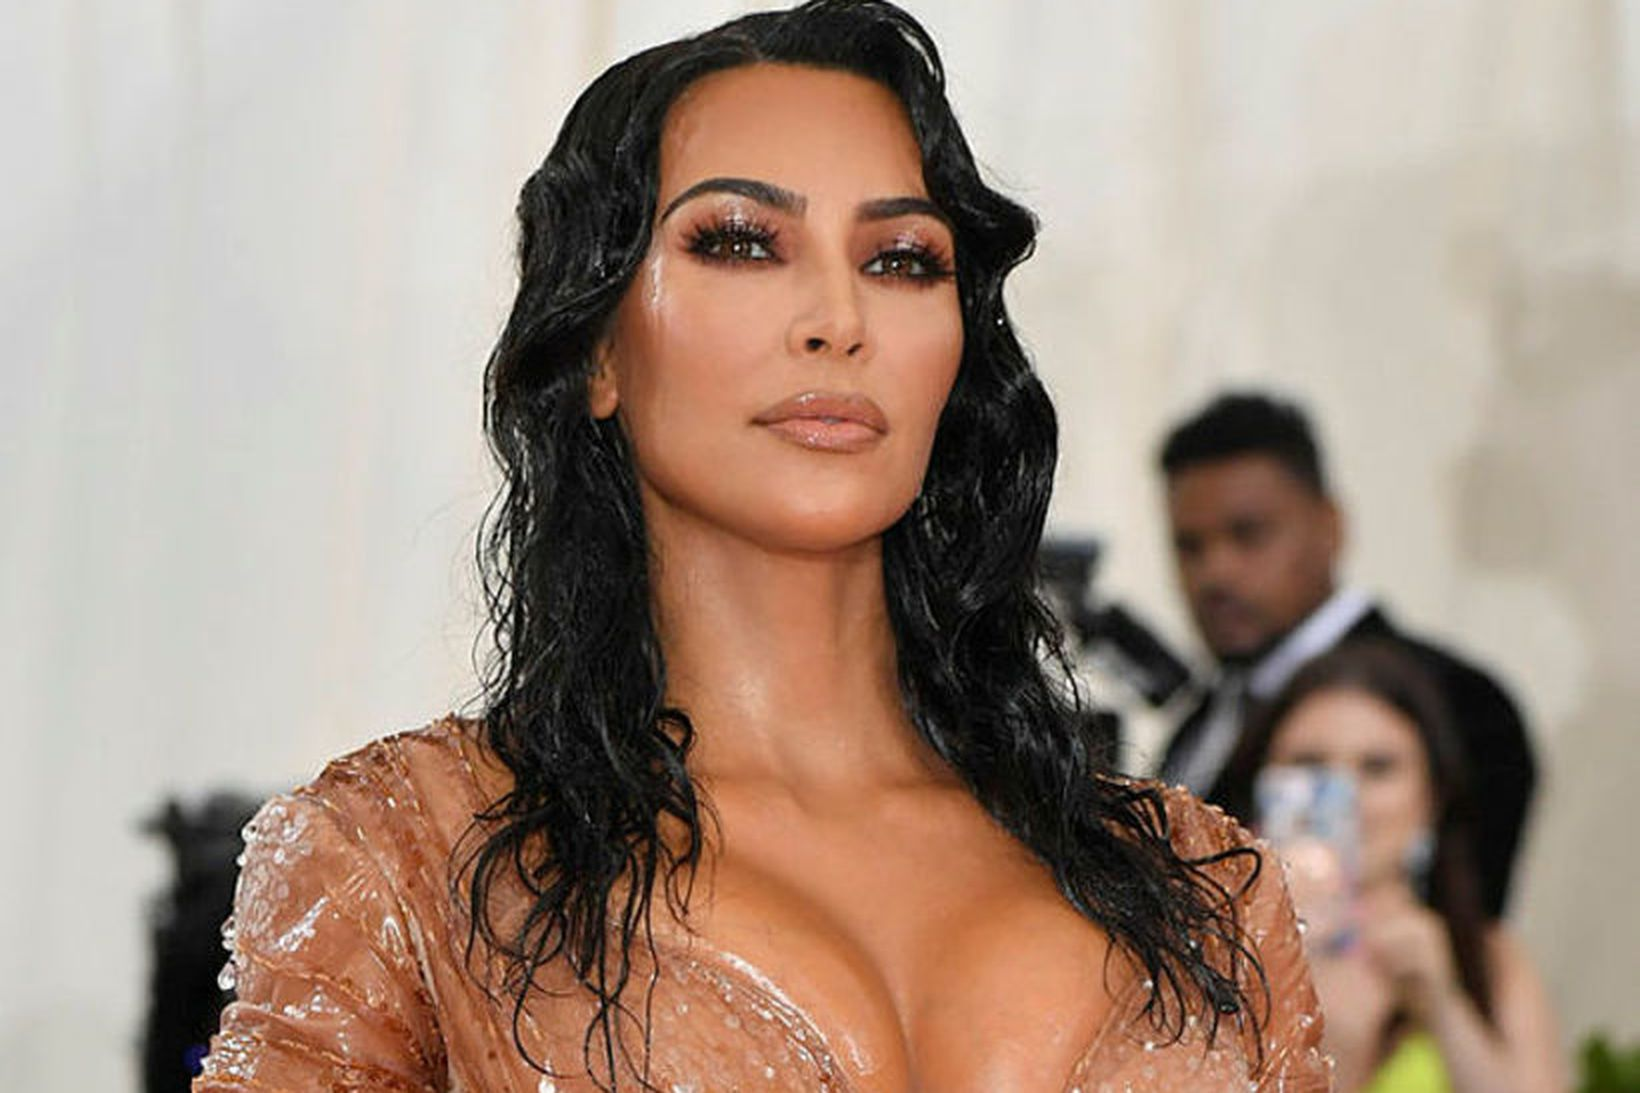 Kim Kardashian segist hafa fitnað að undanförnu.